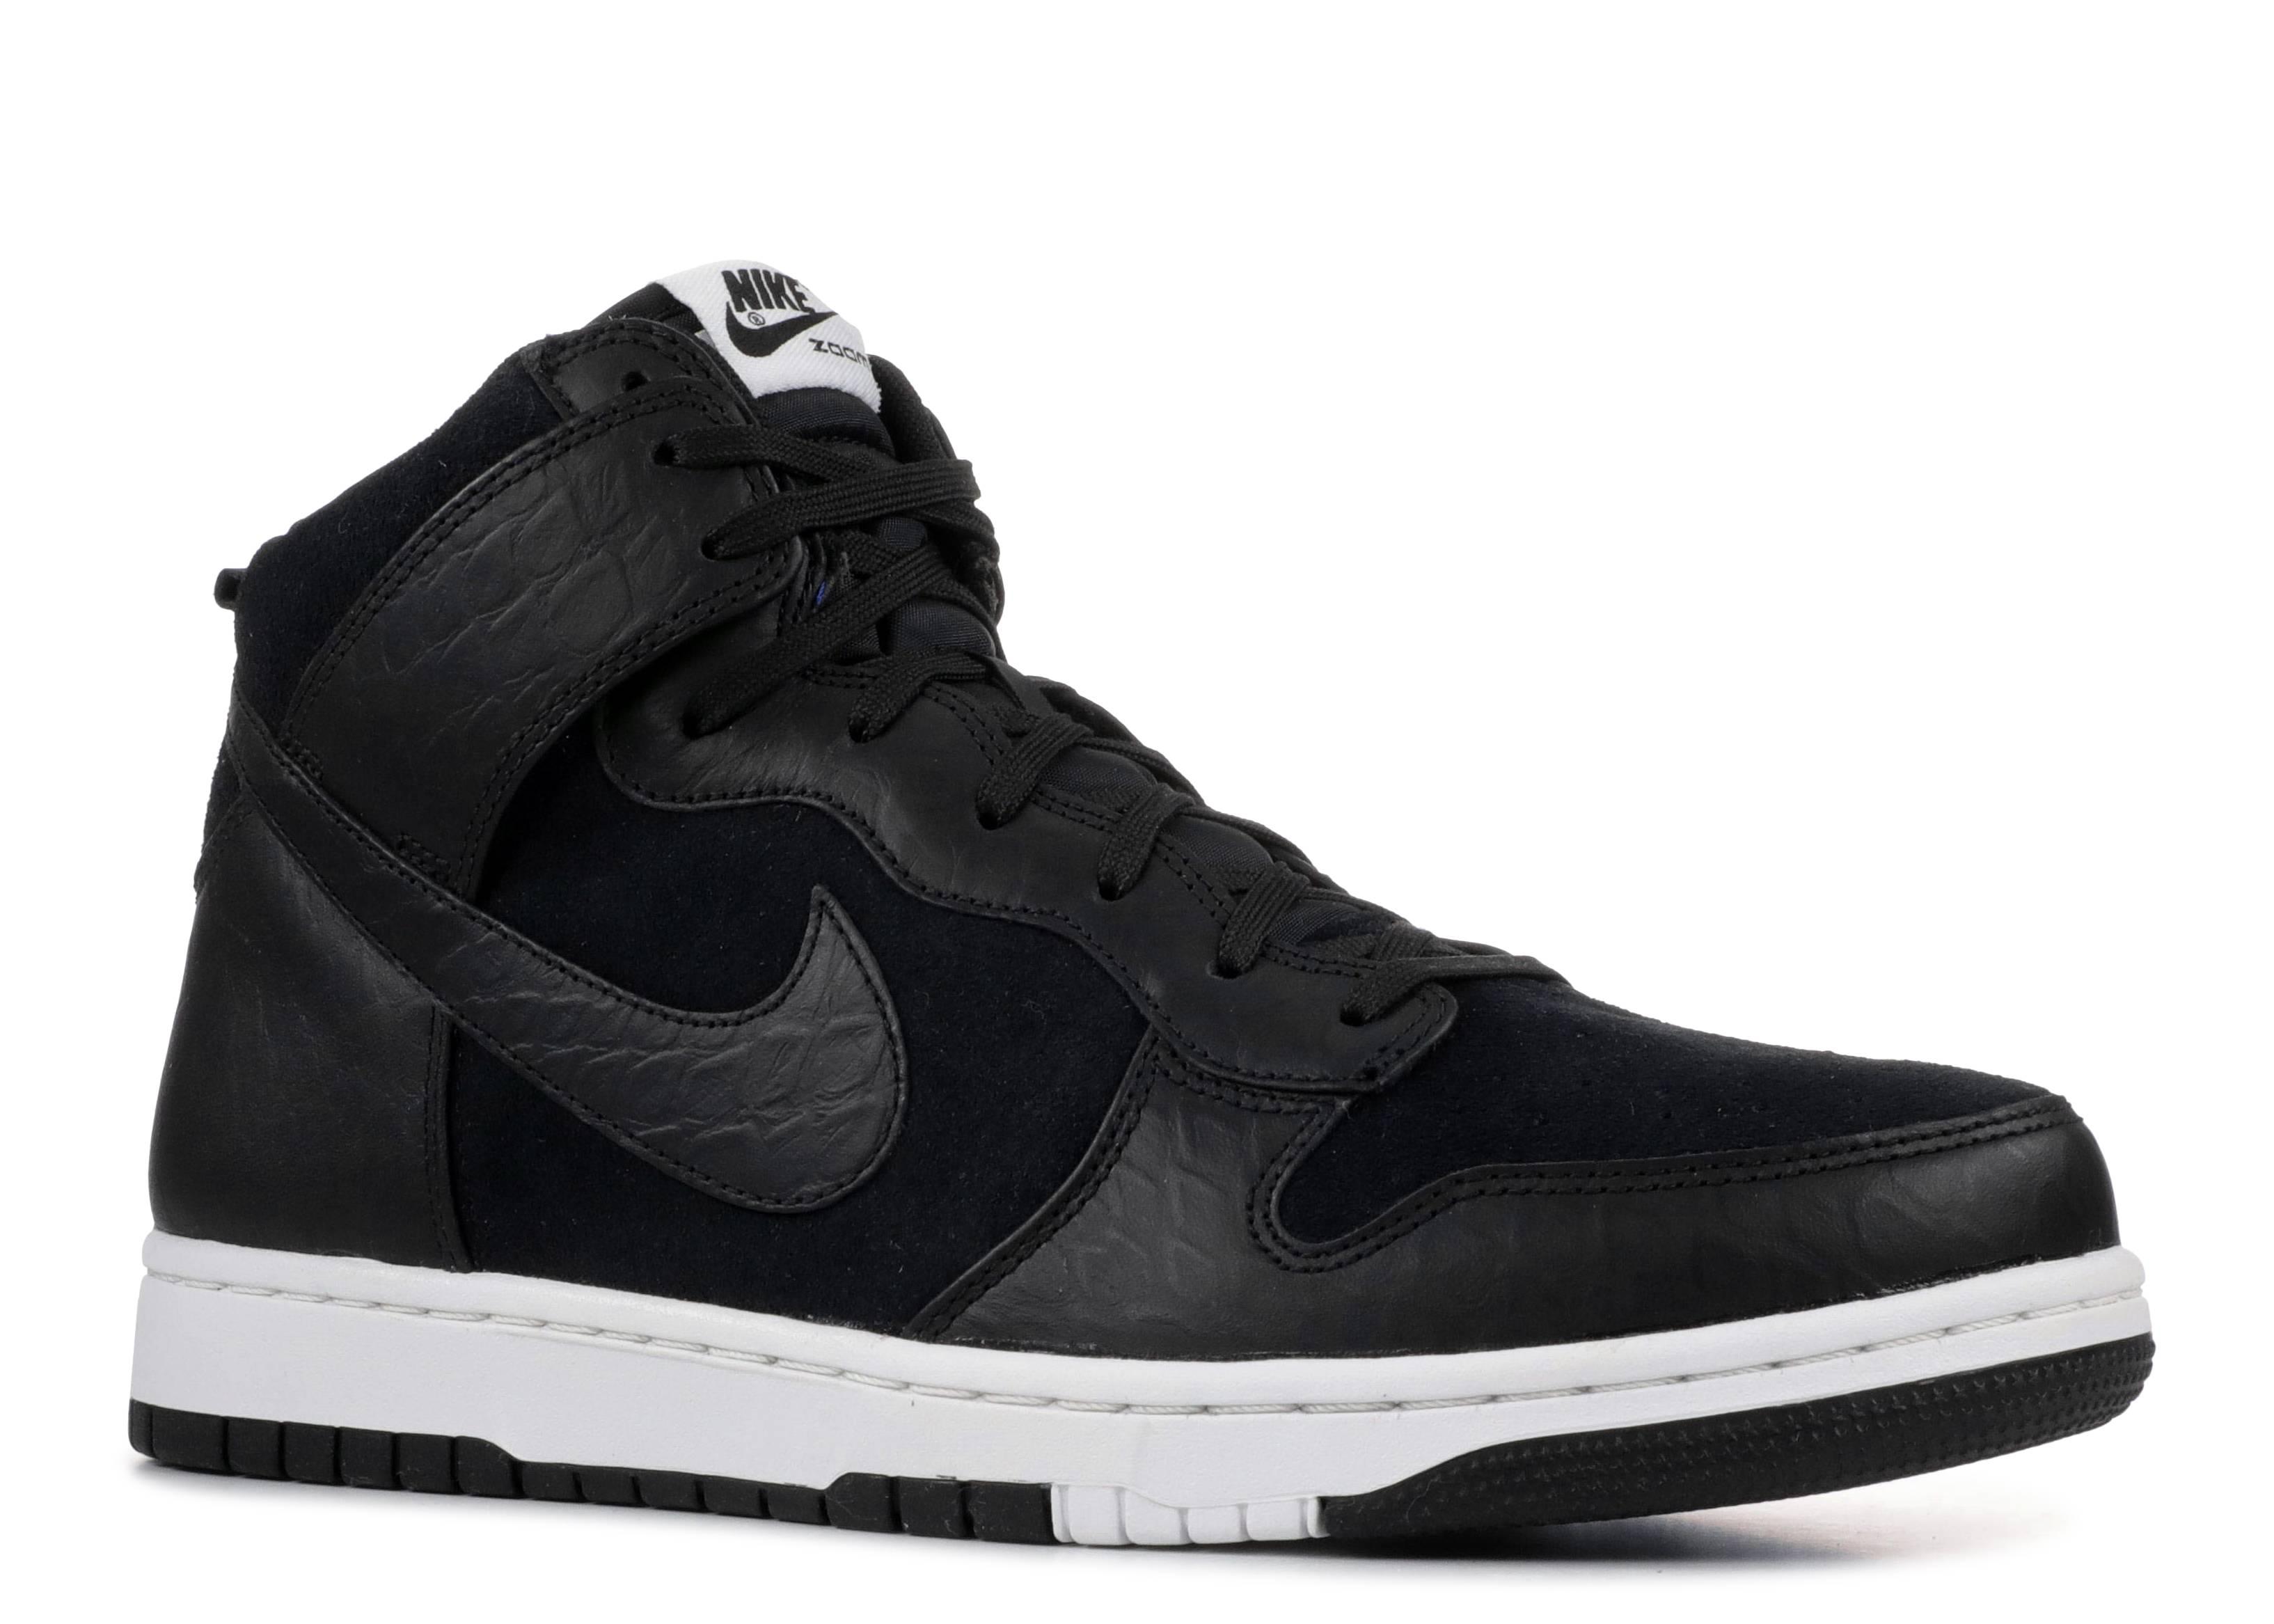 new product e5593 9af95 Nike Mens Dunk Cmft Prm